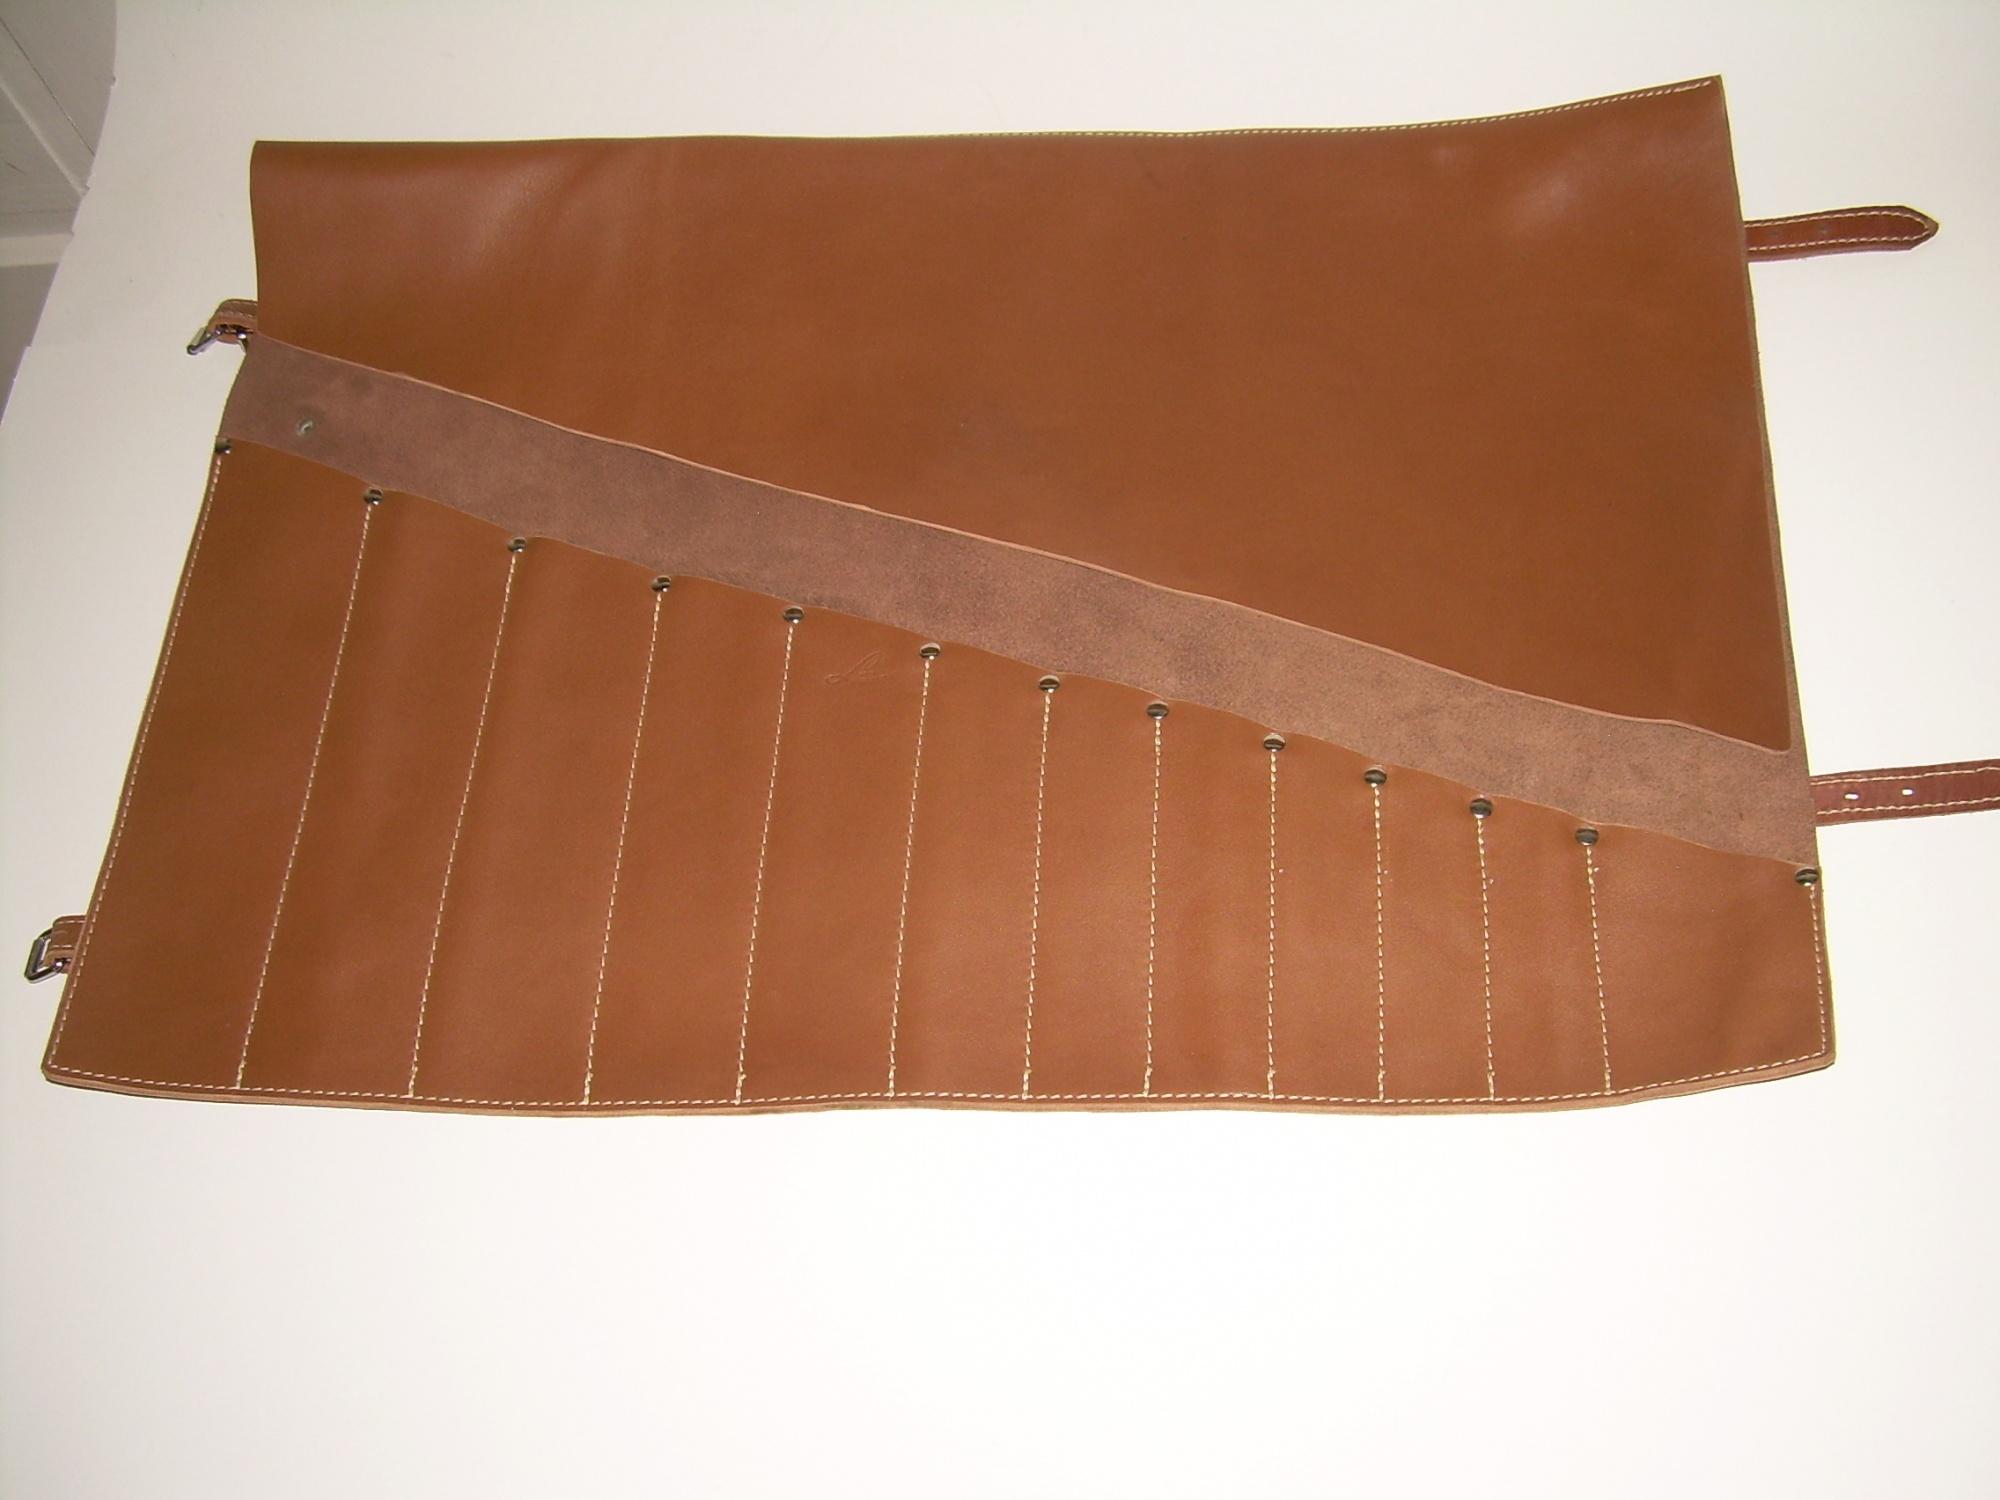 Puha bőrből készült 12 fakkos késtok + fogantyú + gravírozás 5a97b0fd14